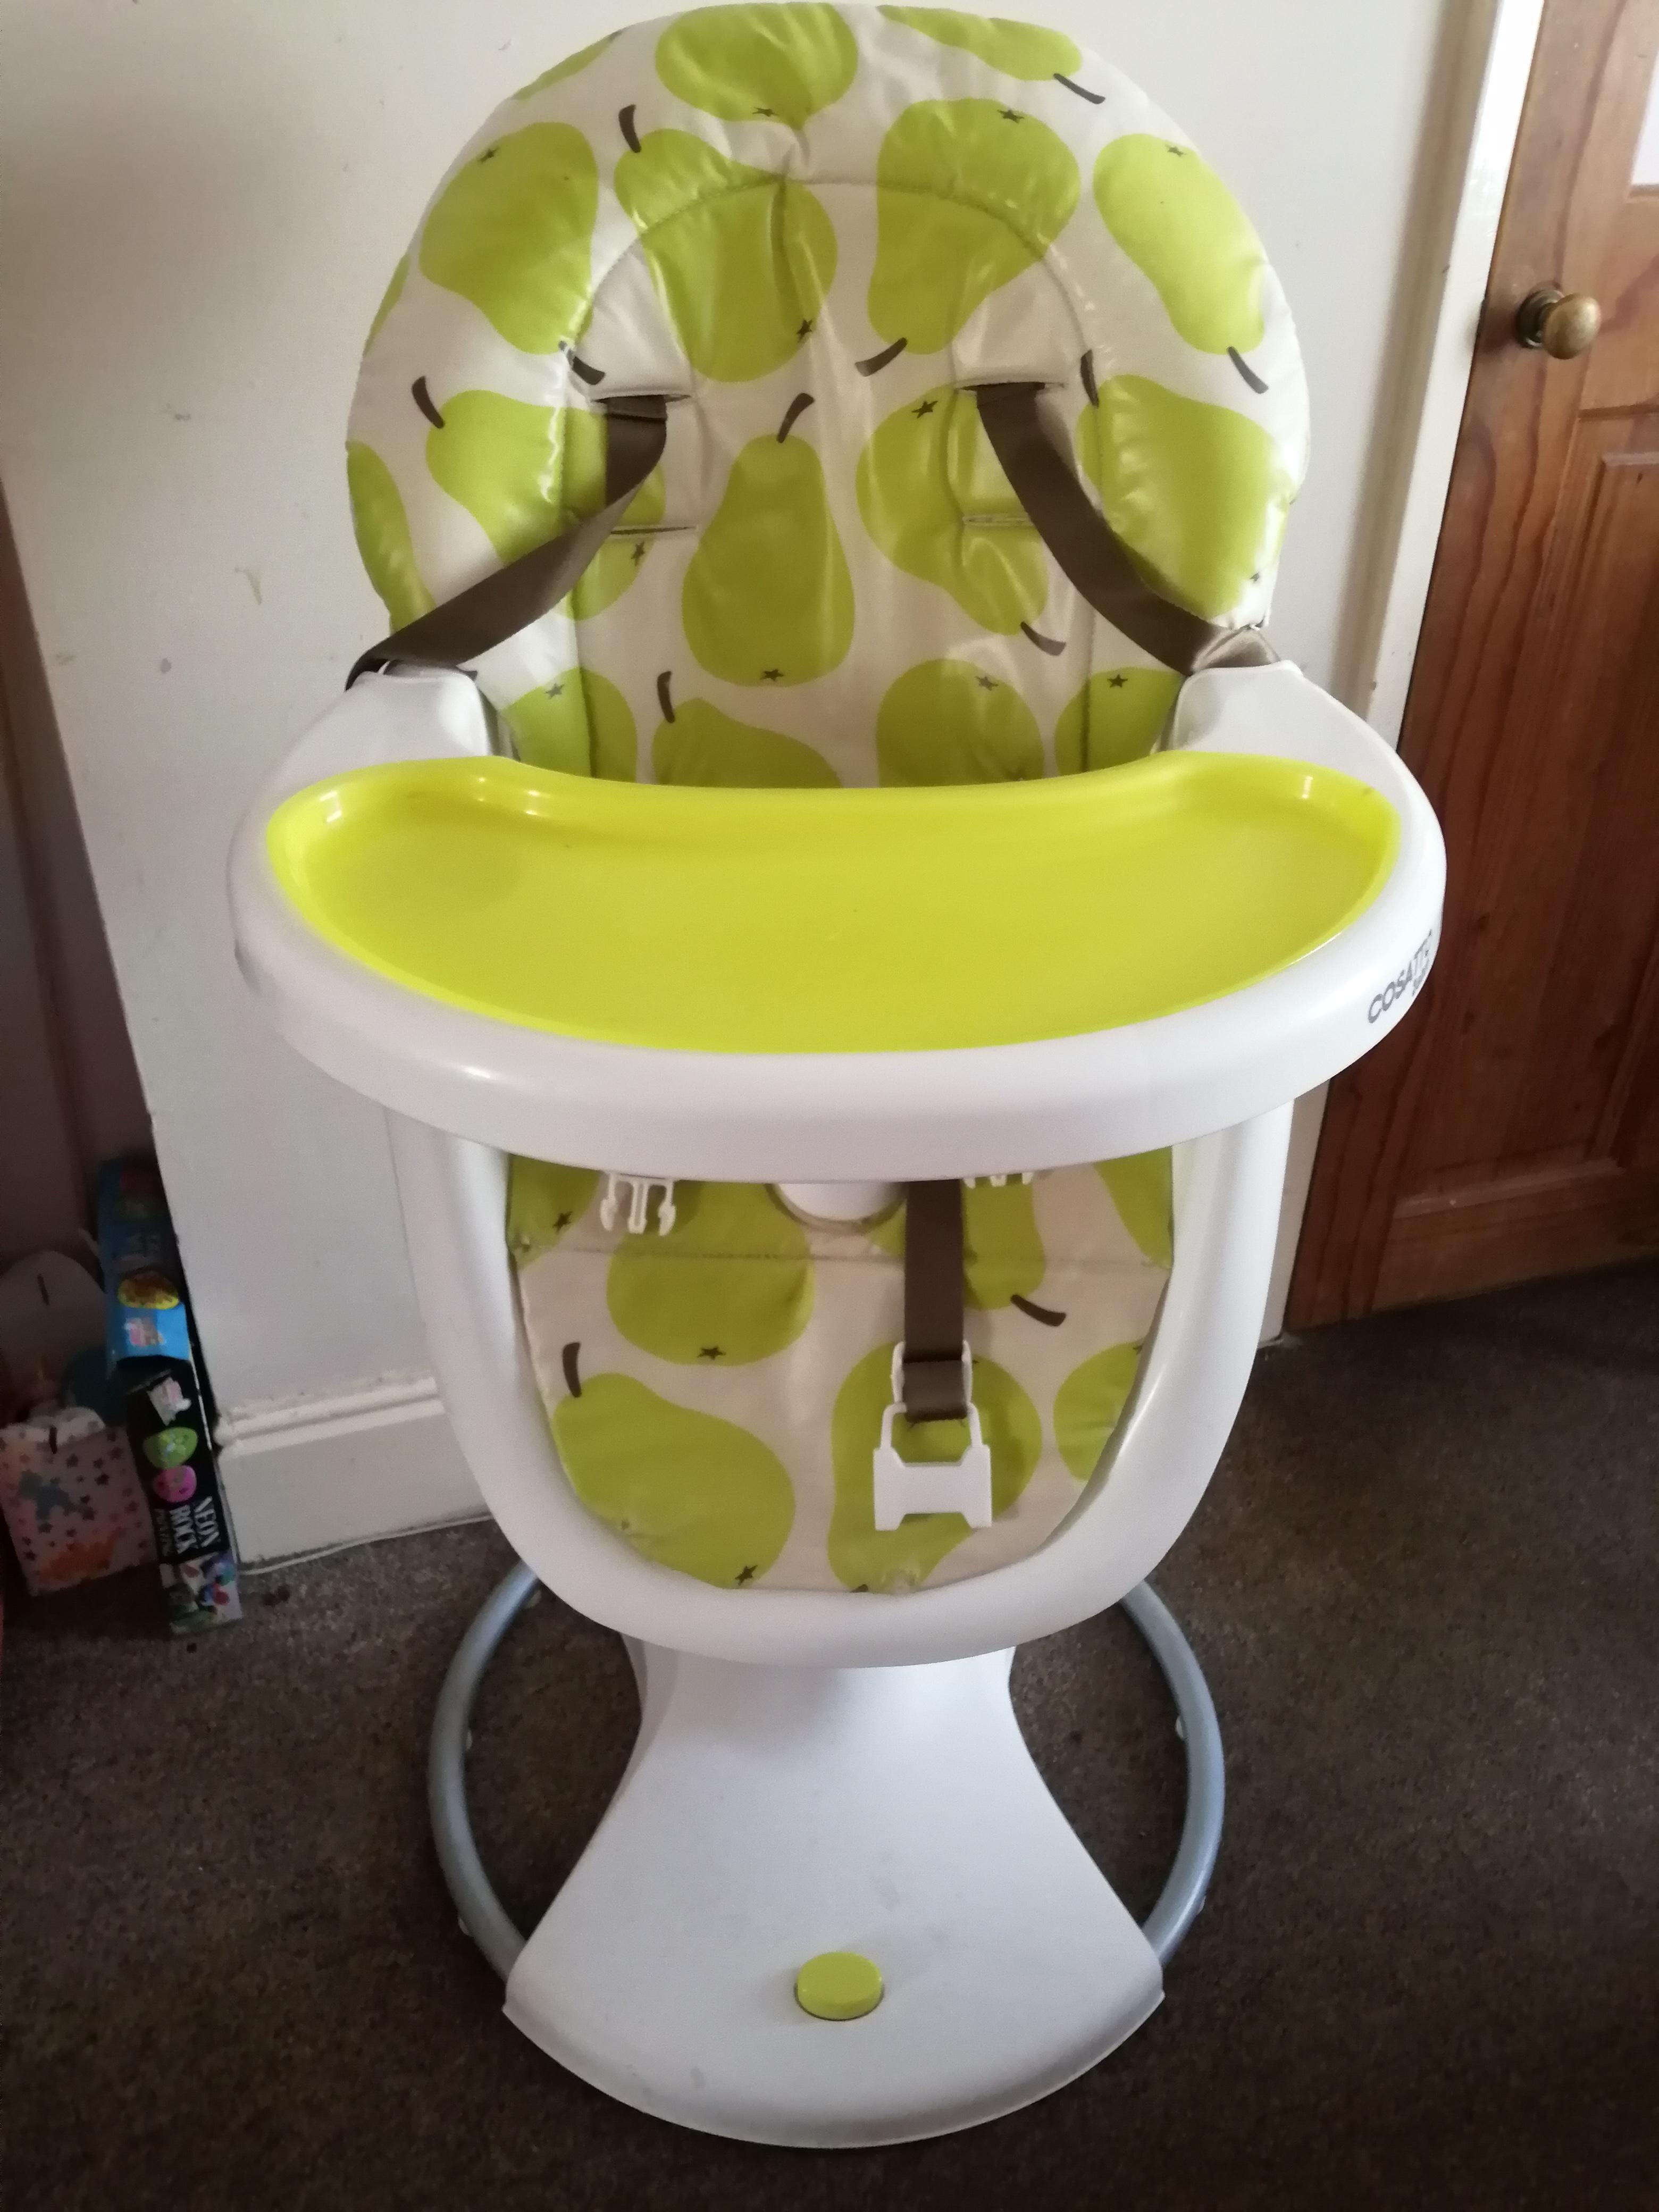 Amazing Cosatto 3Sixti Highchair Pear Design Newport Isle Of Wight Creativecarmelina Interior Chair Design Creativecarmelinacom